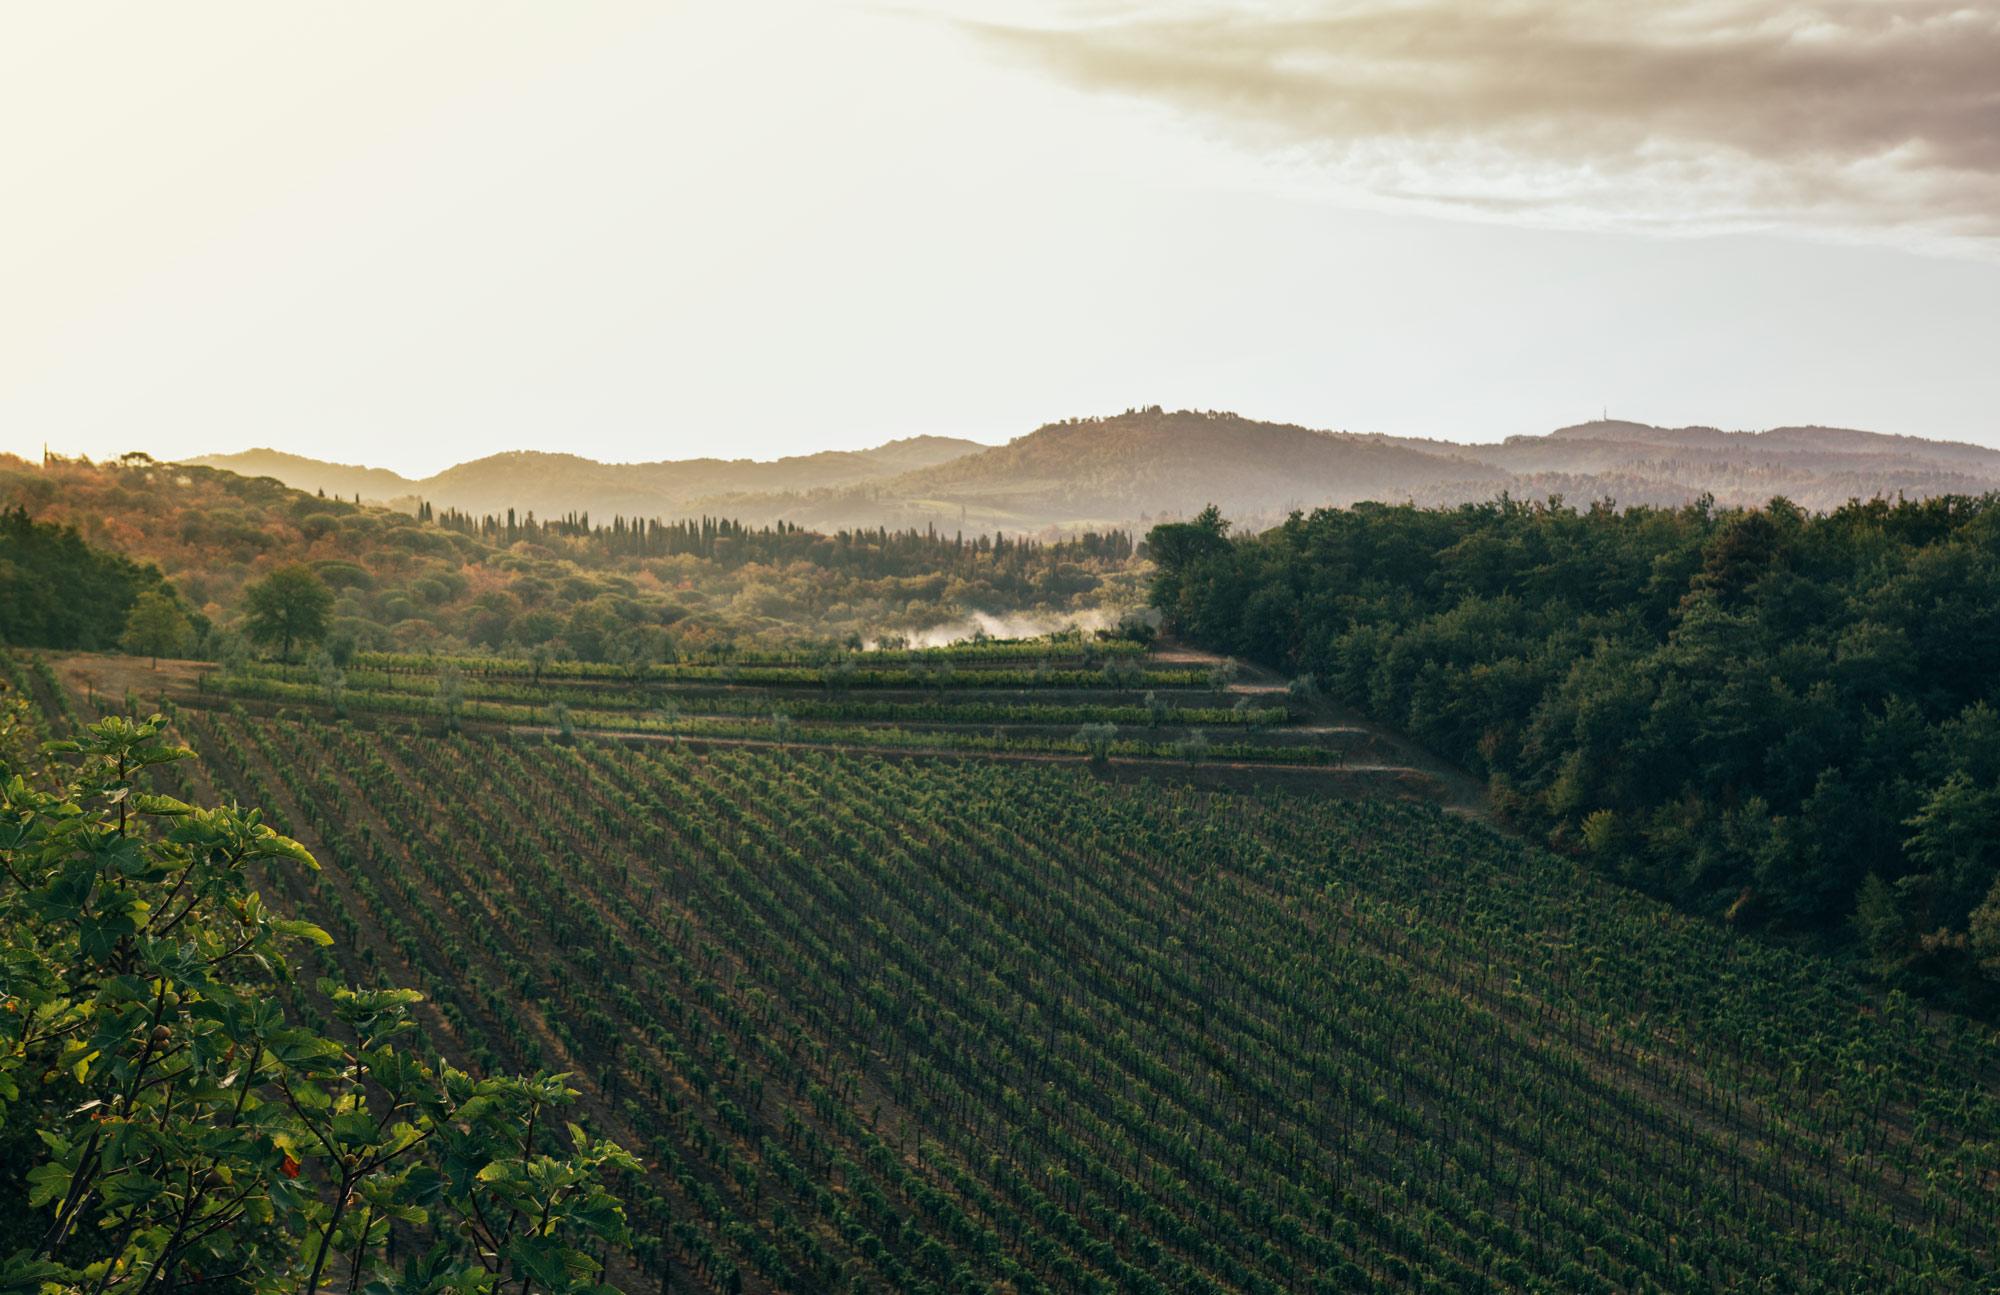 vinefields-terreno-petter-backlund